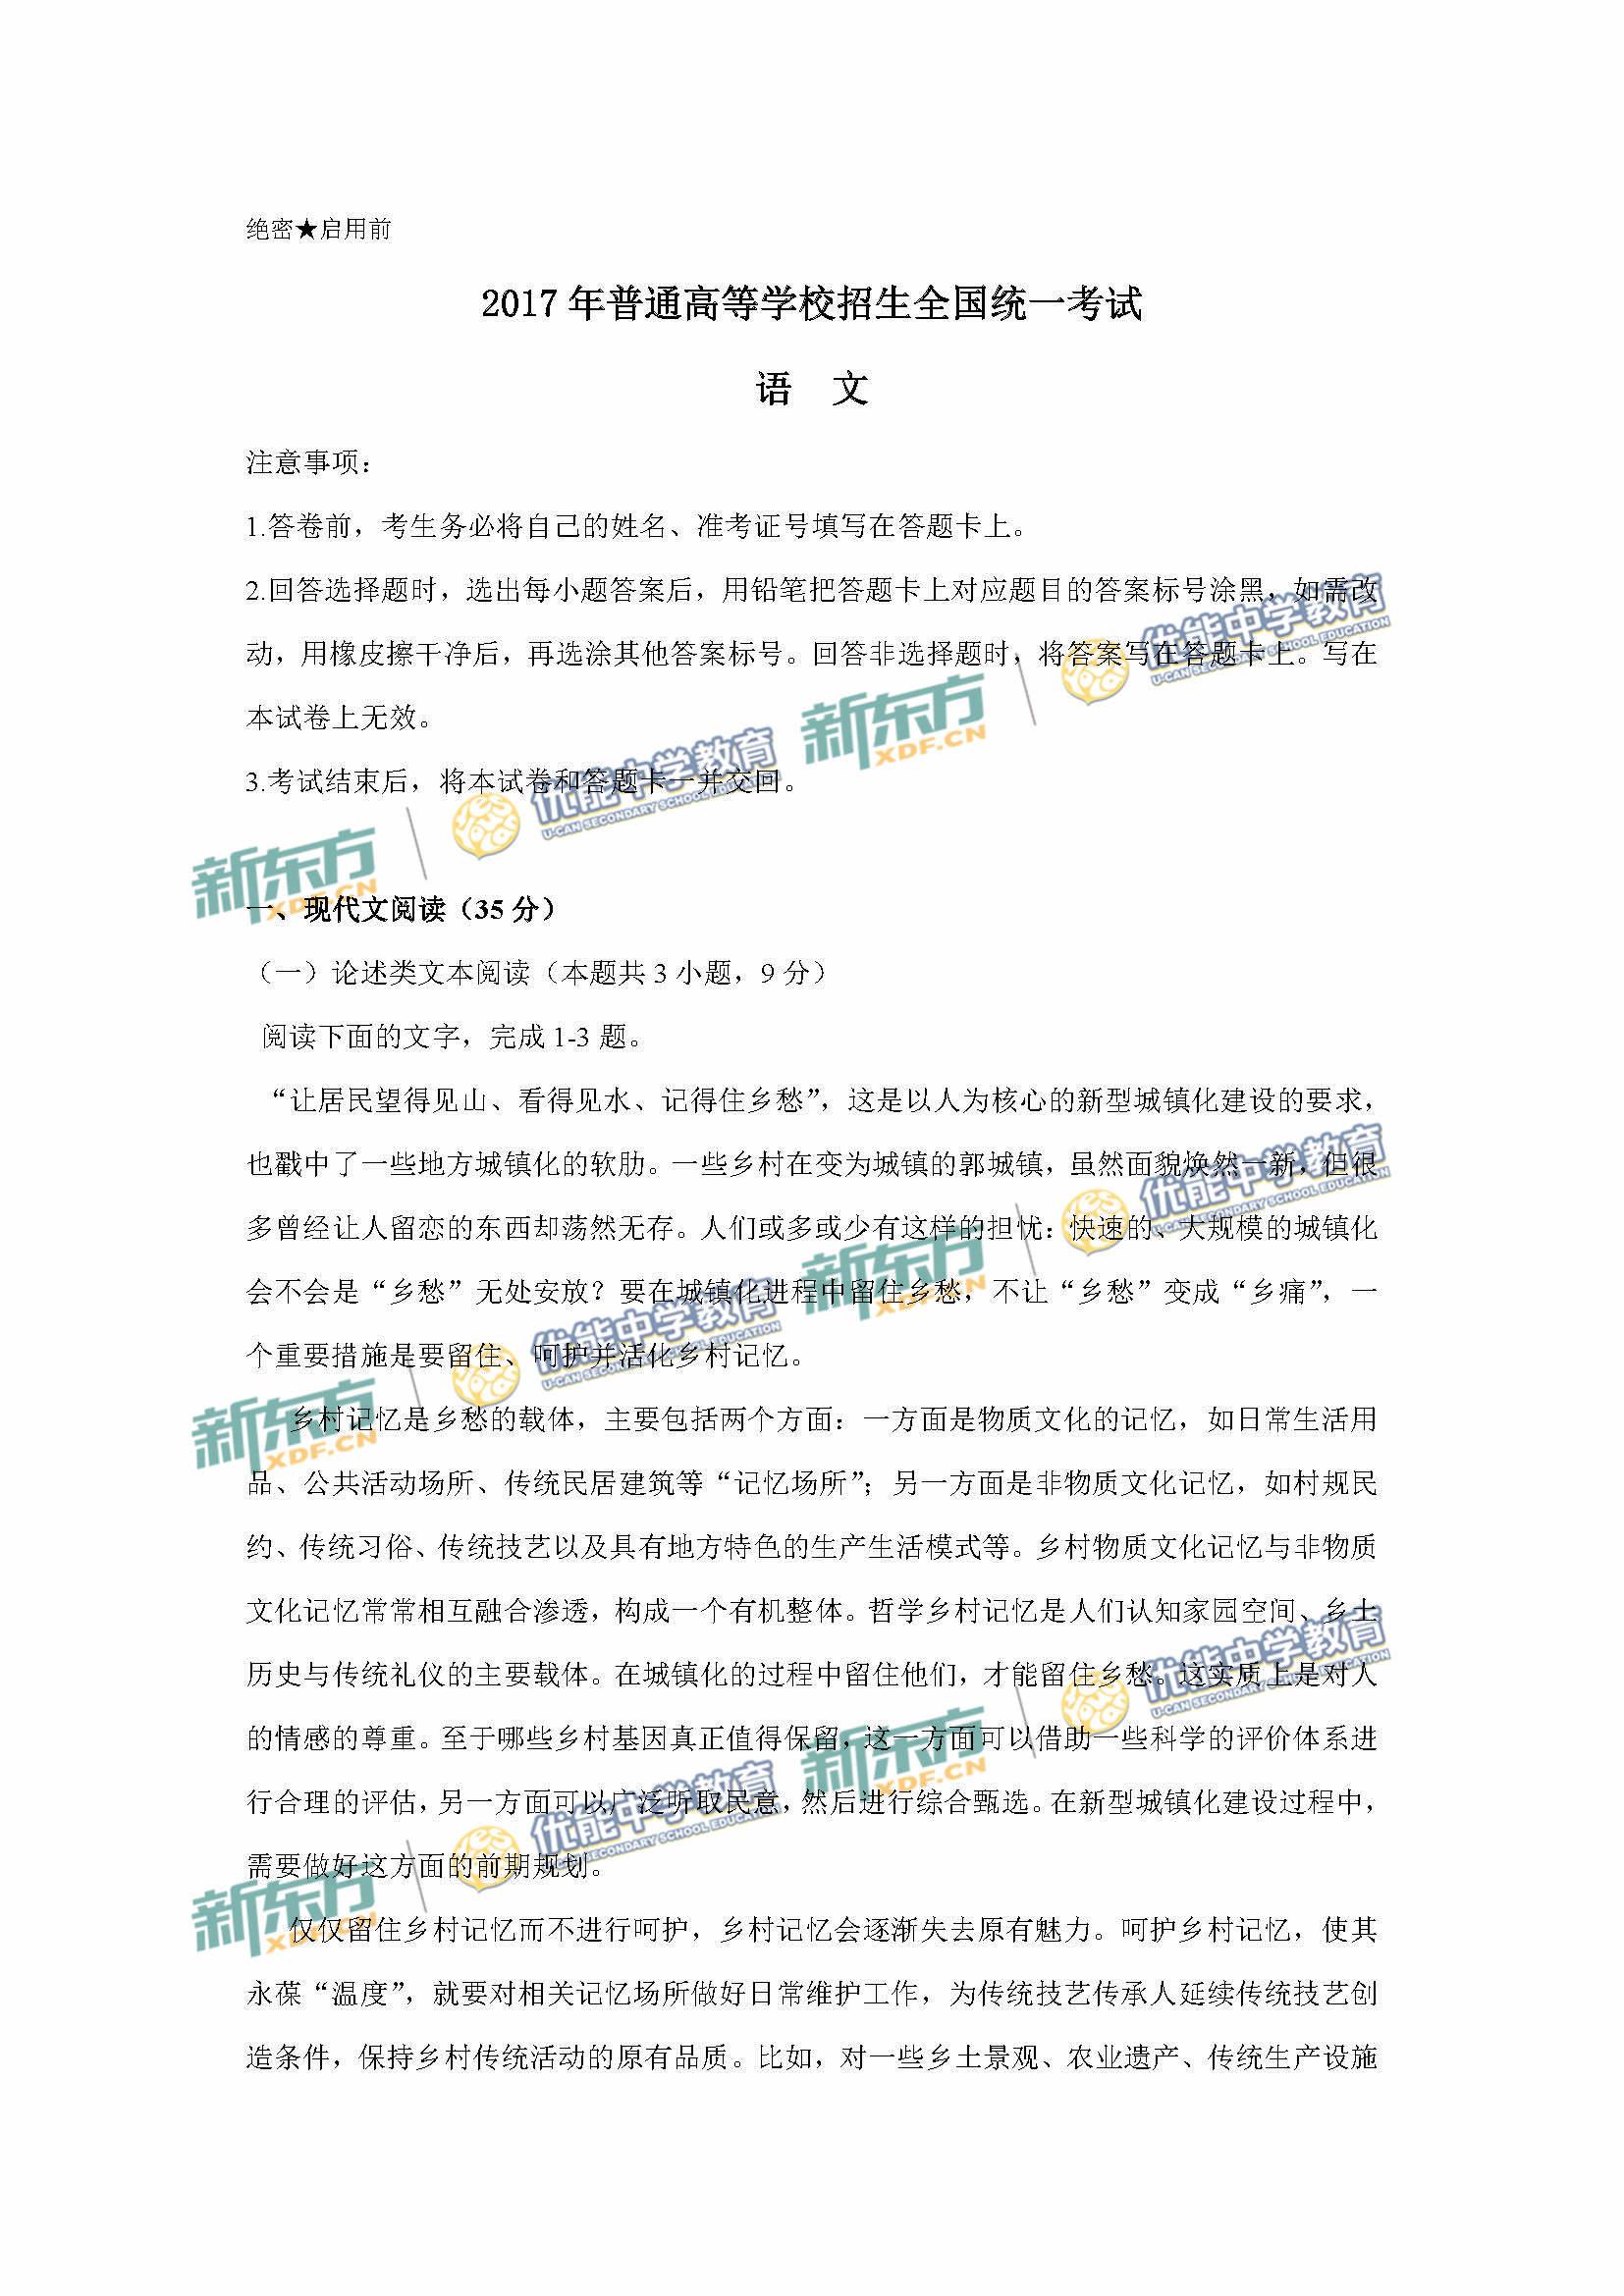 2017高考全国3卷语文试题(word版)